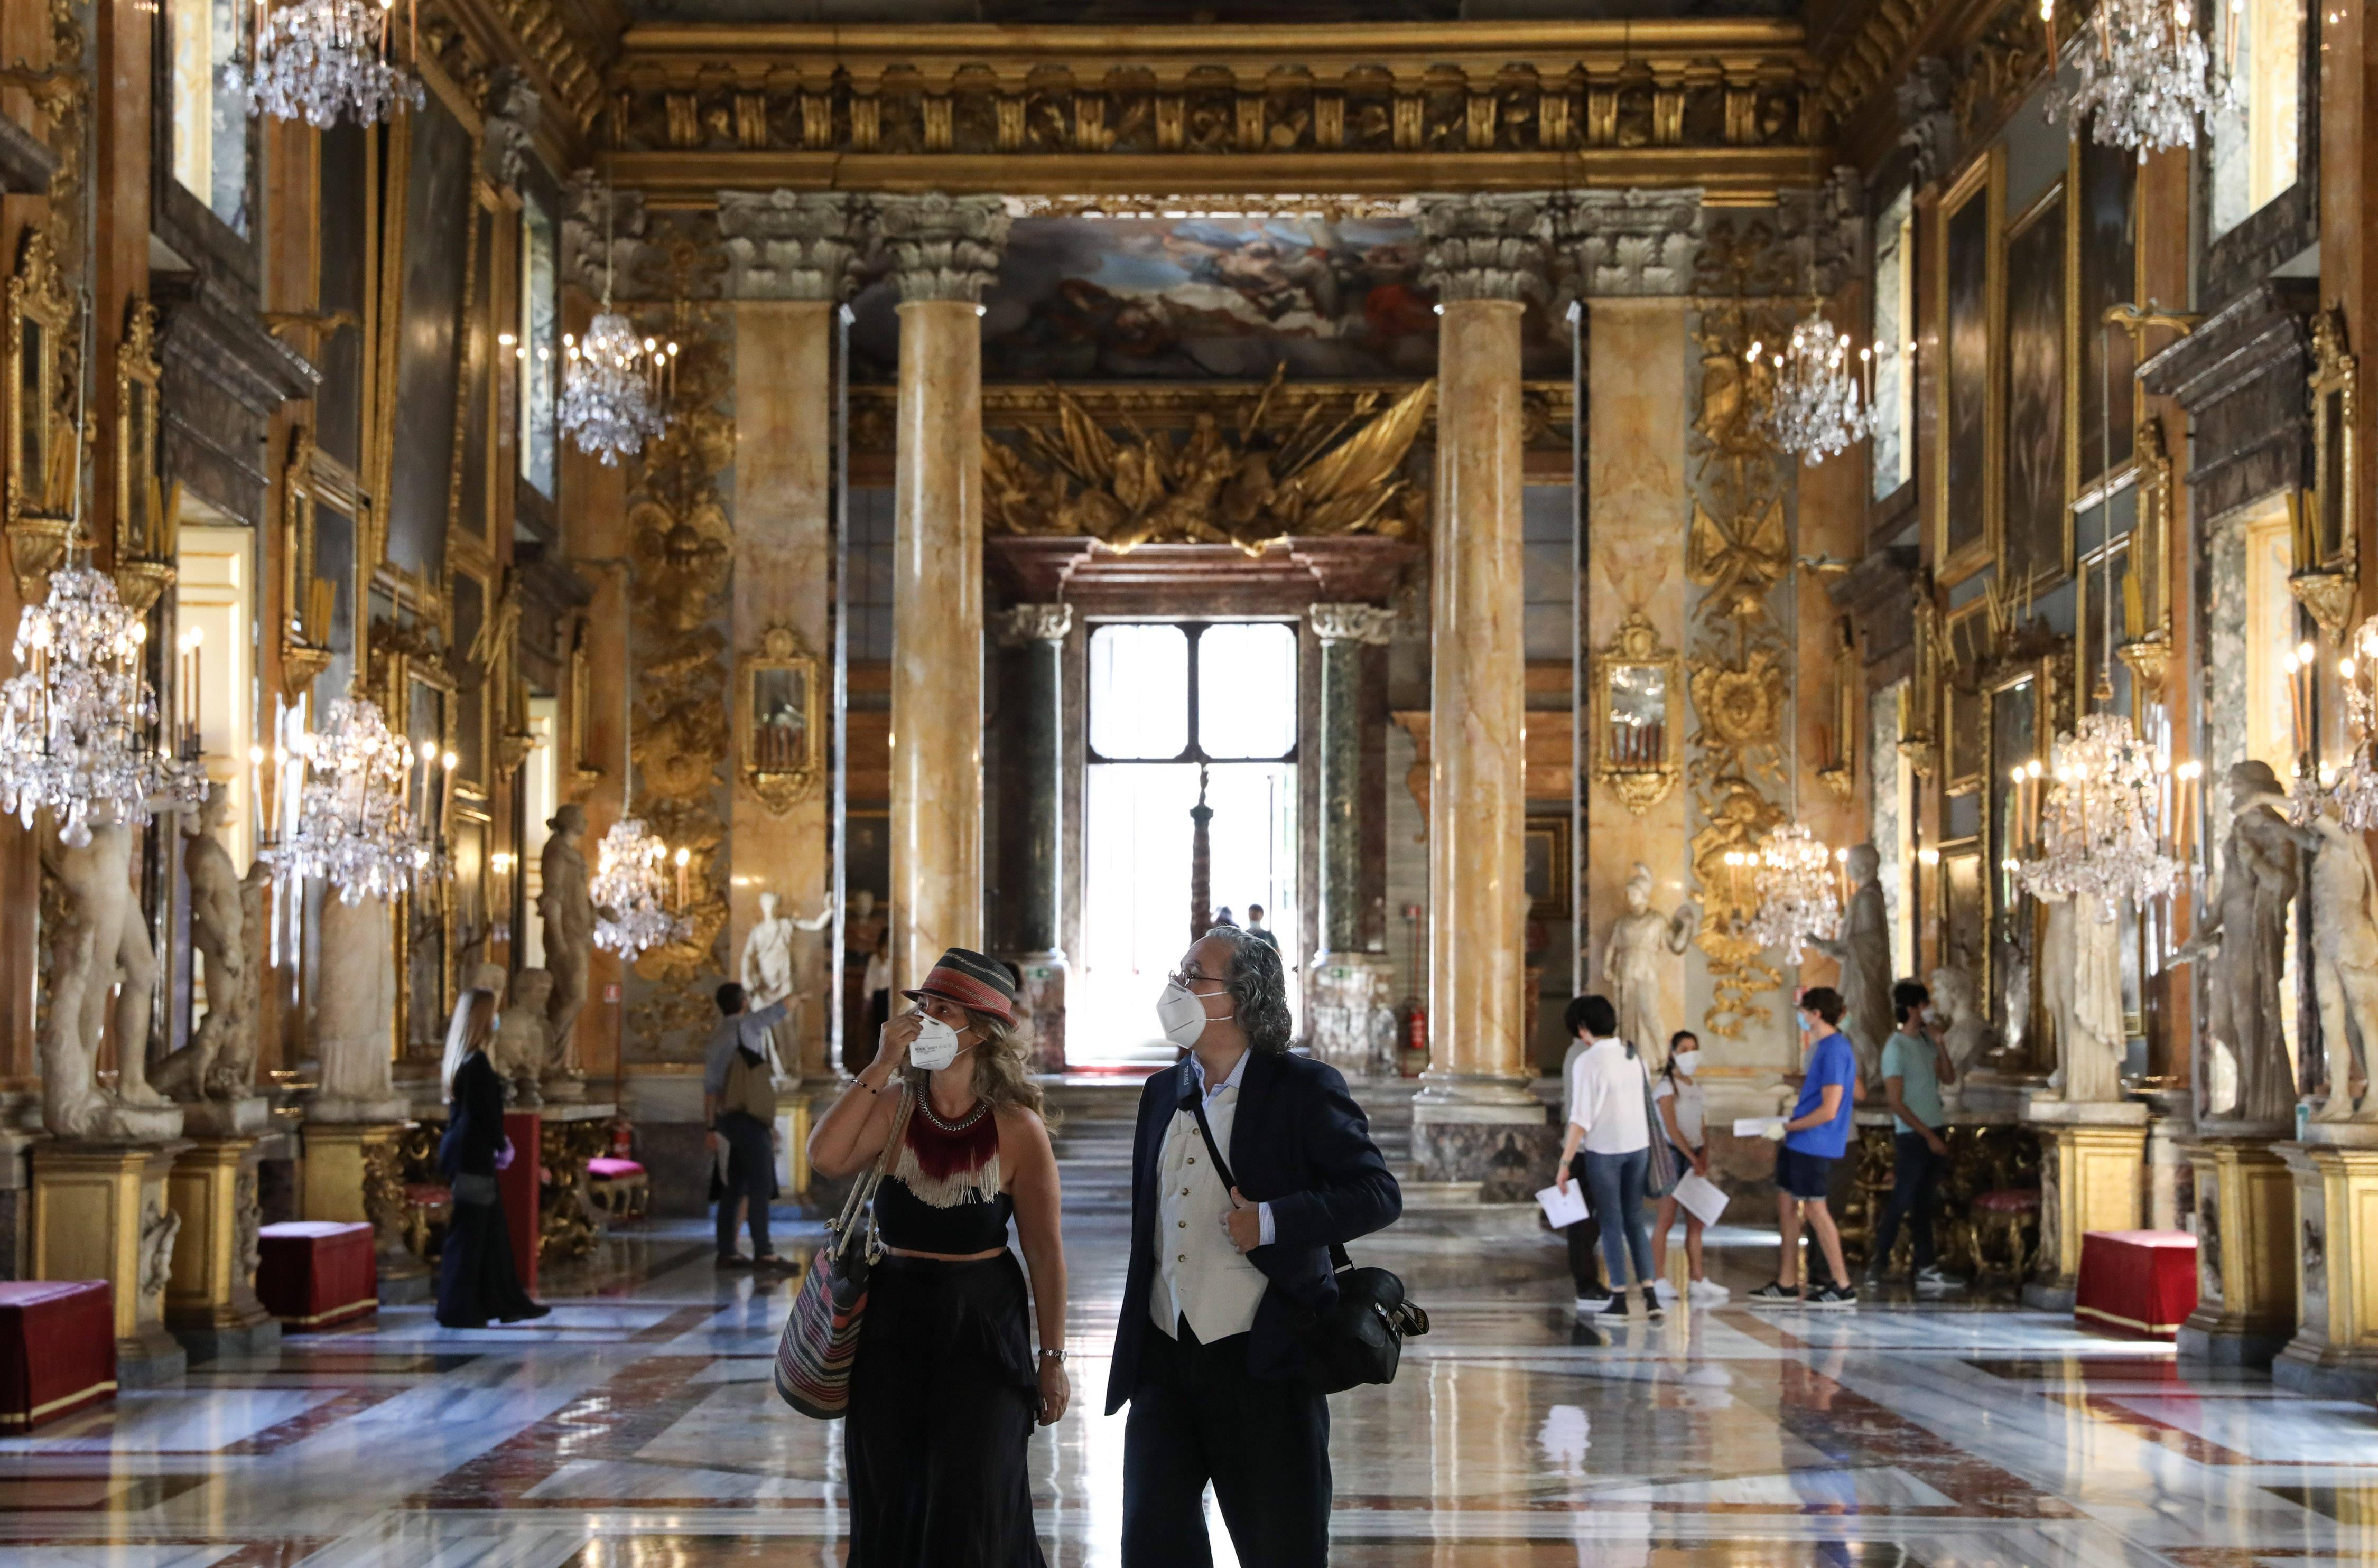 意大利罗马:科隆纳宫重新开放_中欧新闻_欧洲中文网